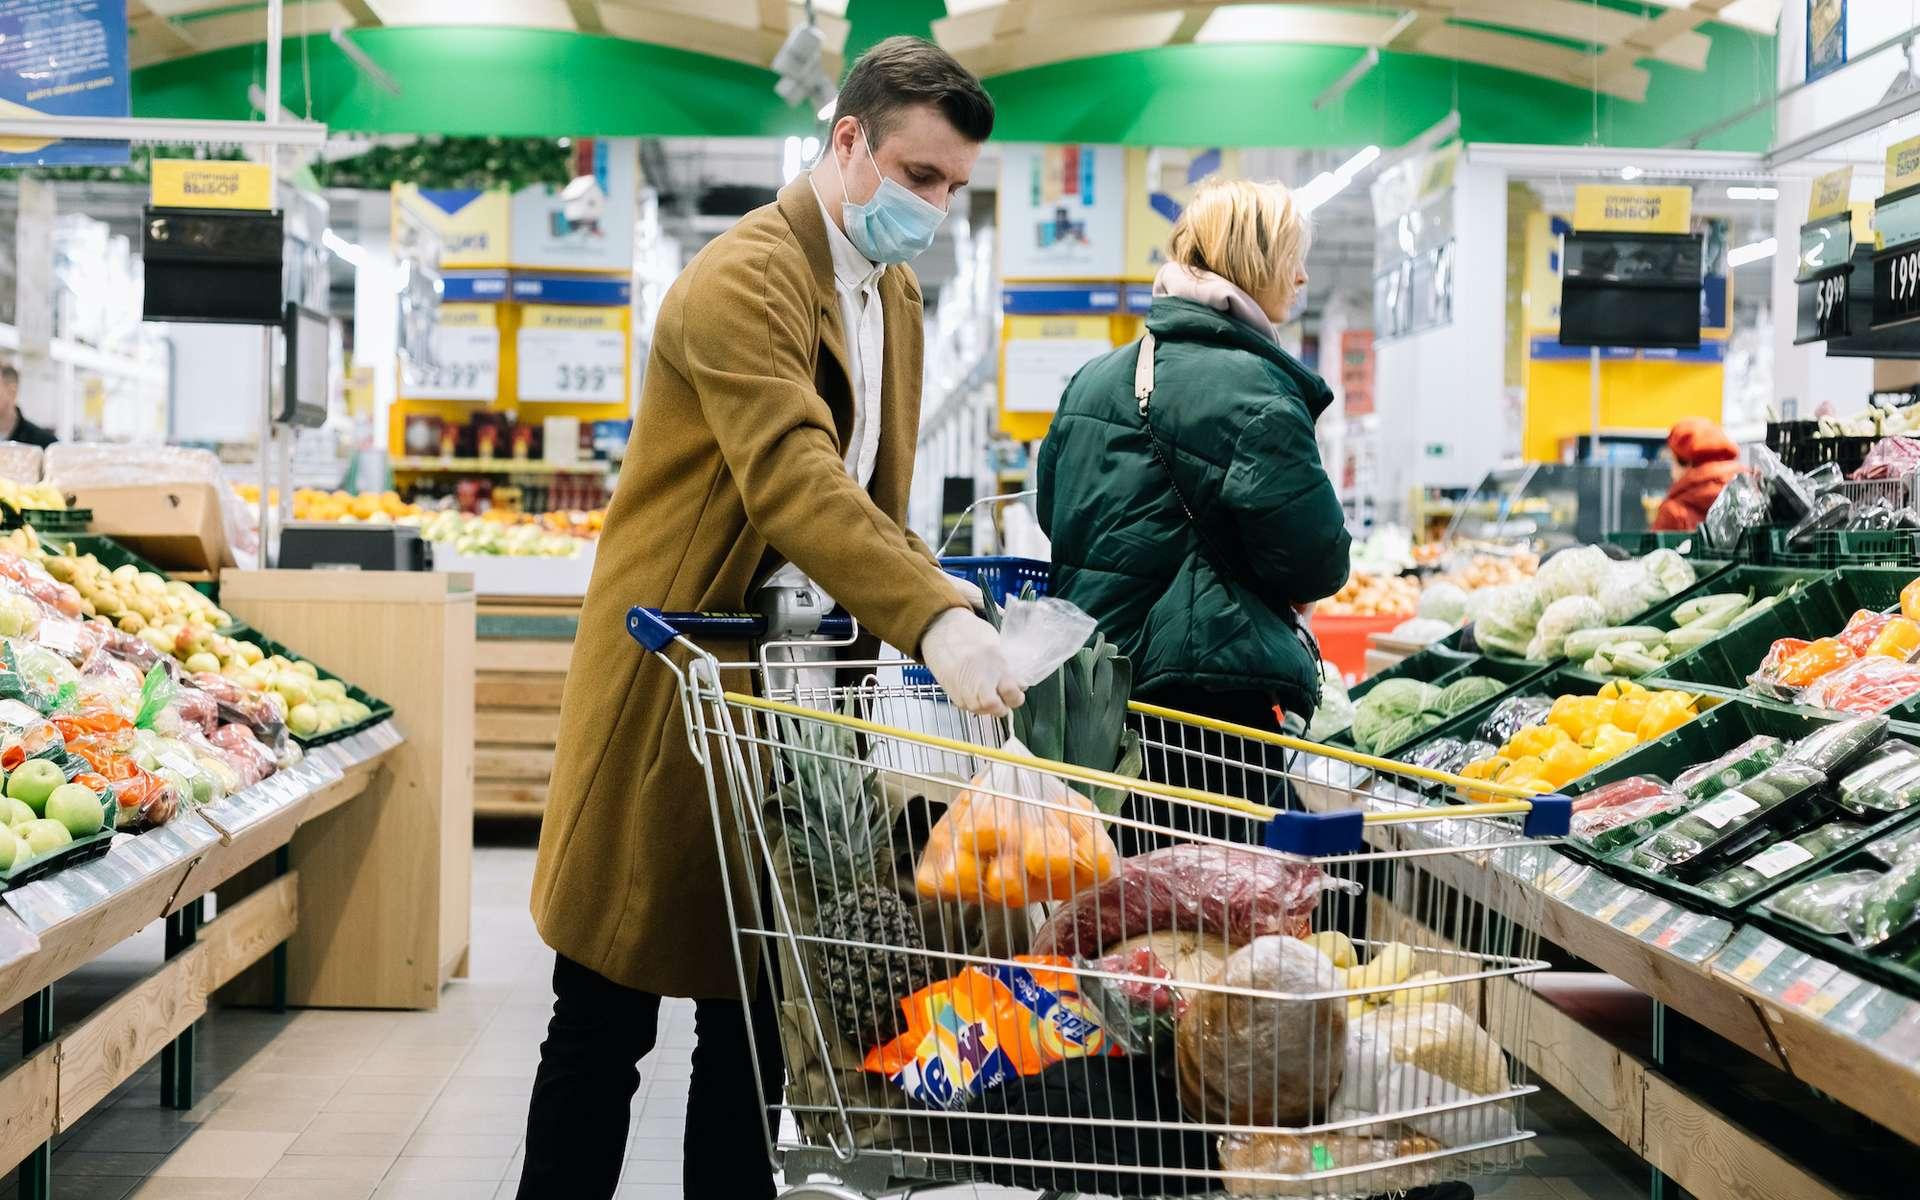 Peut-on être contaminé en faisant ses courses ? © Egor Vidinev, Adobe Stock